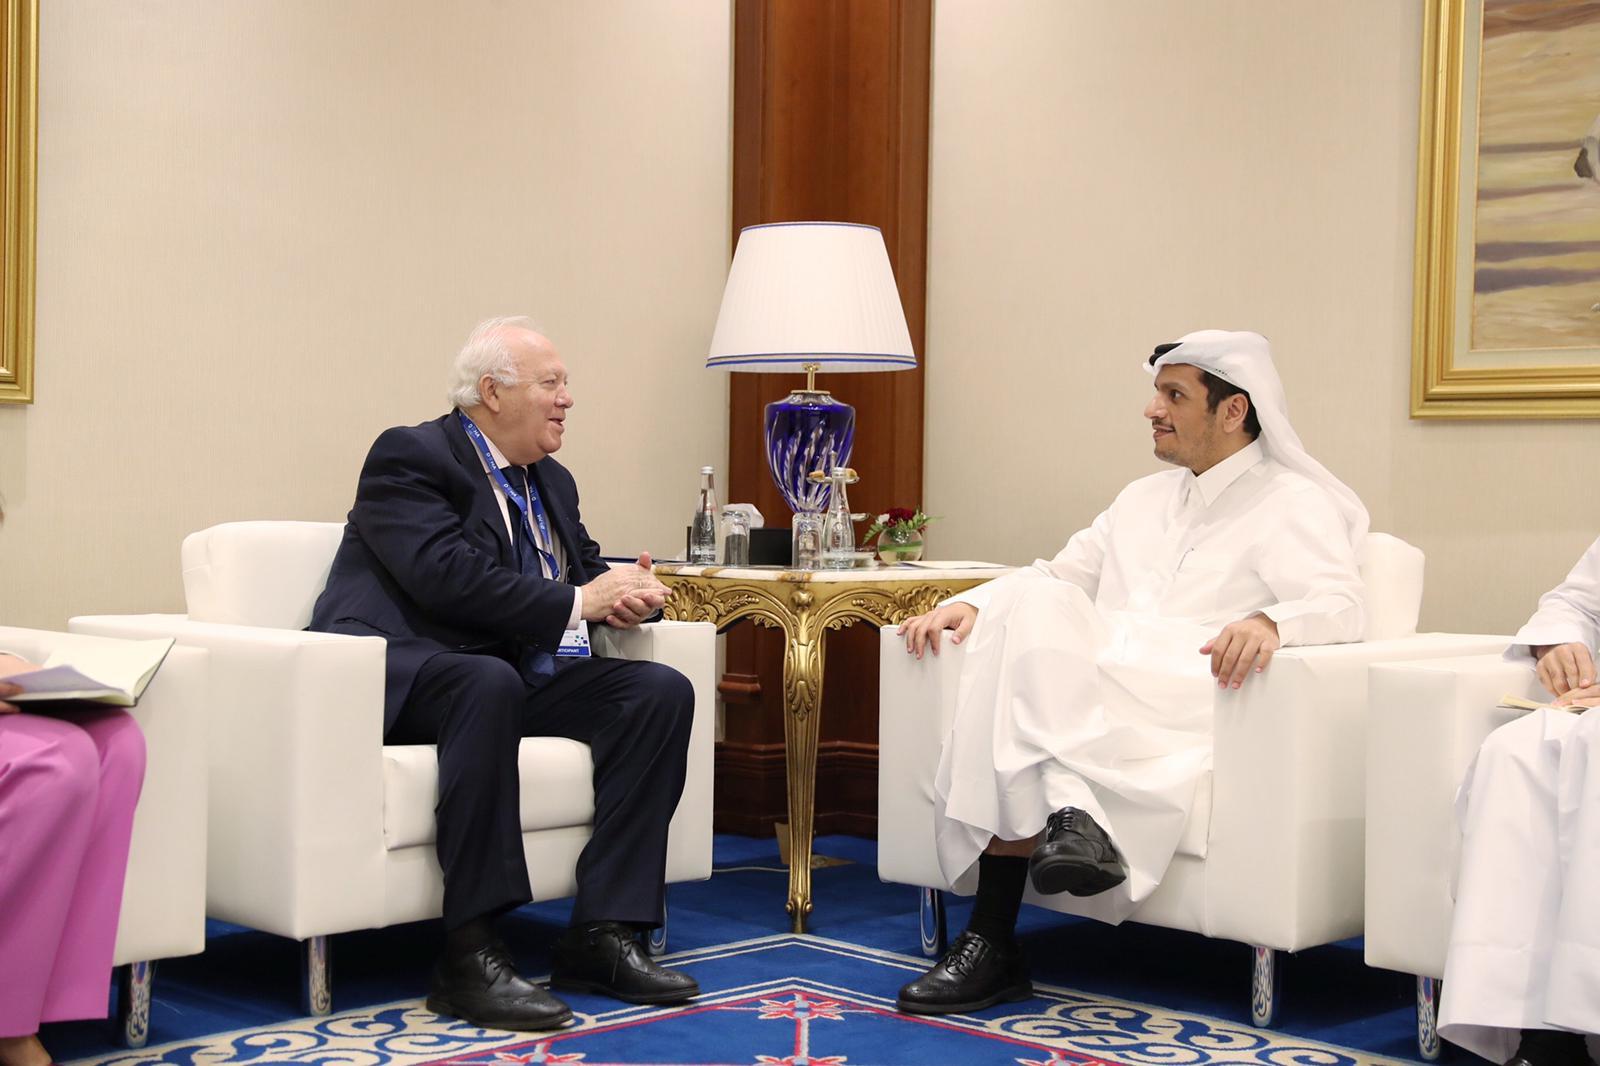 نائب رئيس مجلس الوزراء وزير الخارجية يجتمع مع عدد من المسؤولين على هامش منتدى الدوحة